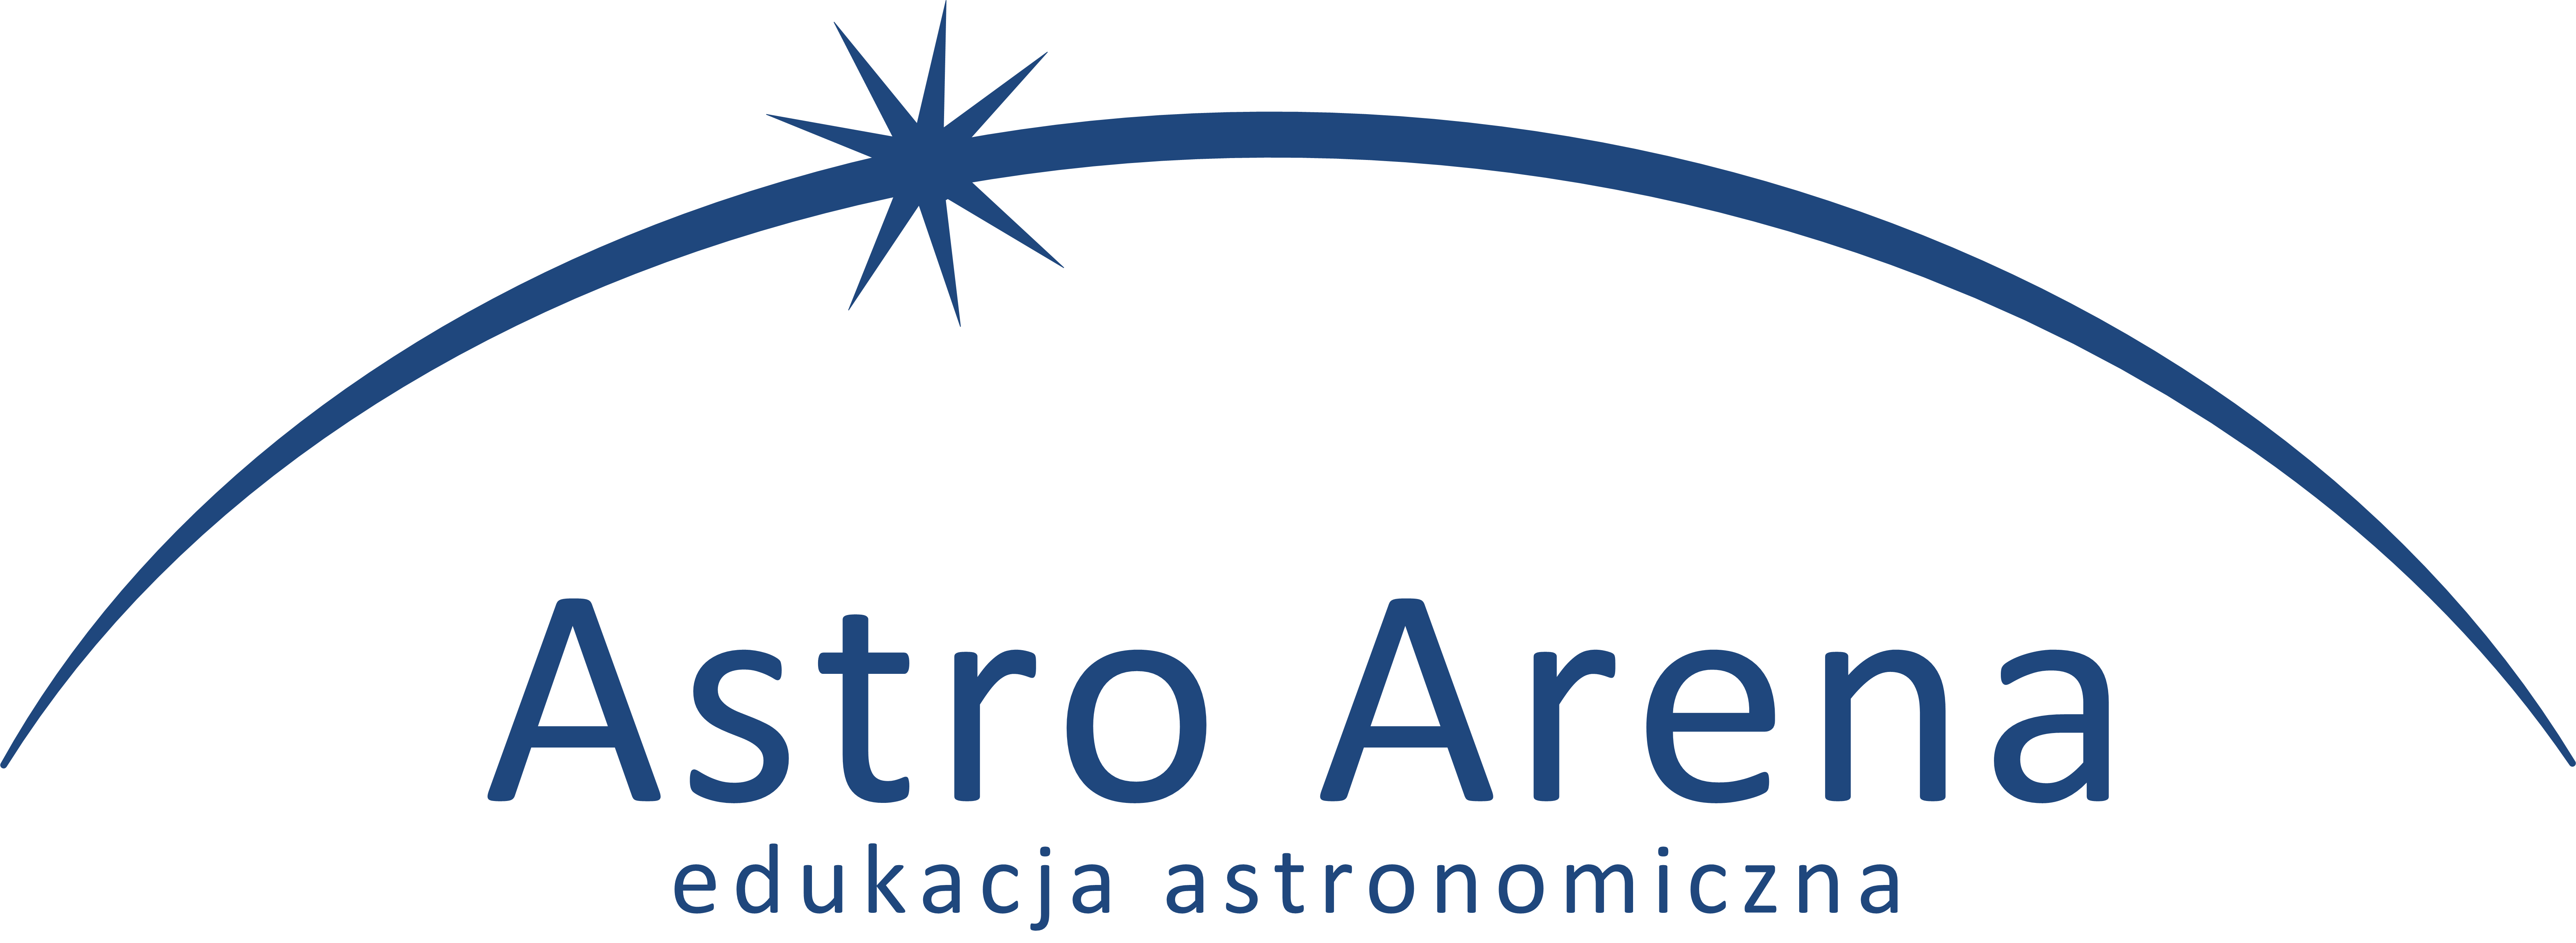 LogoA2014